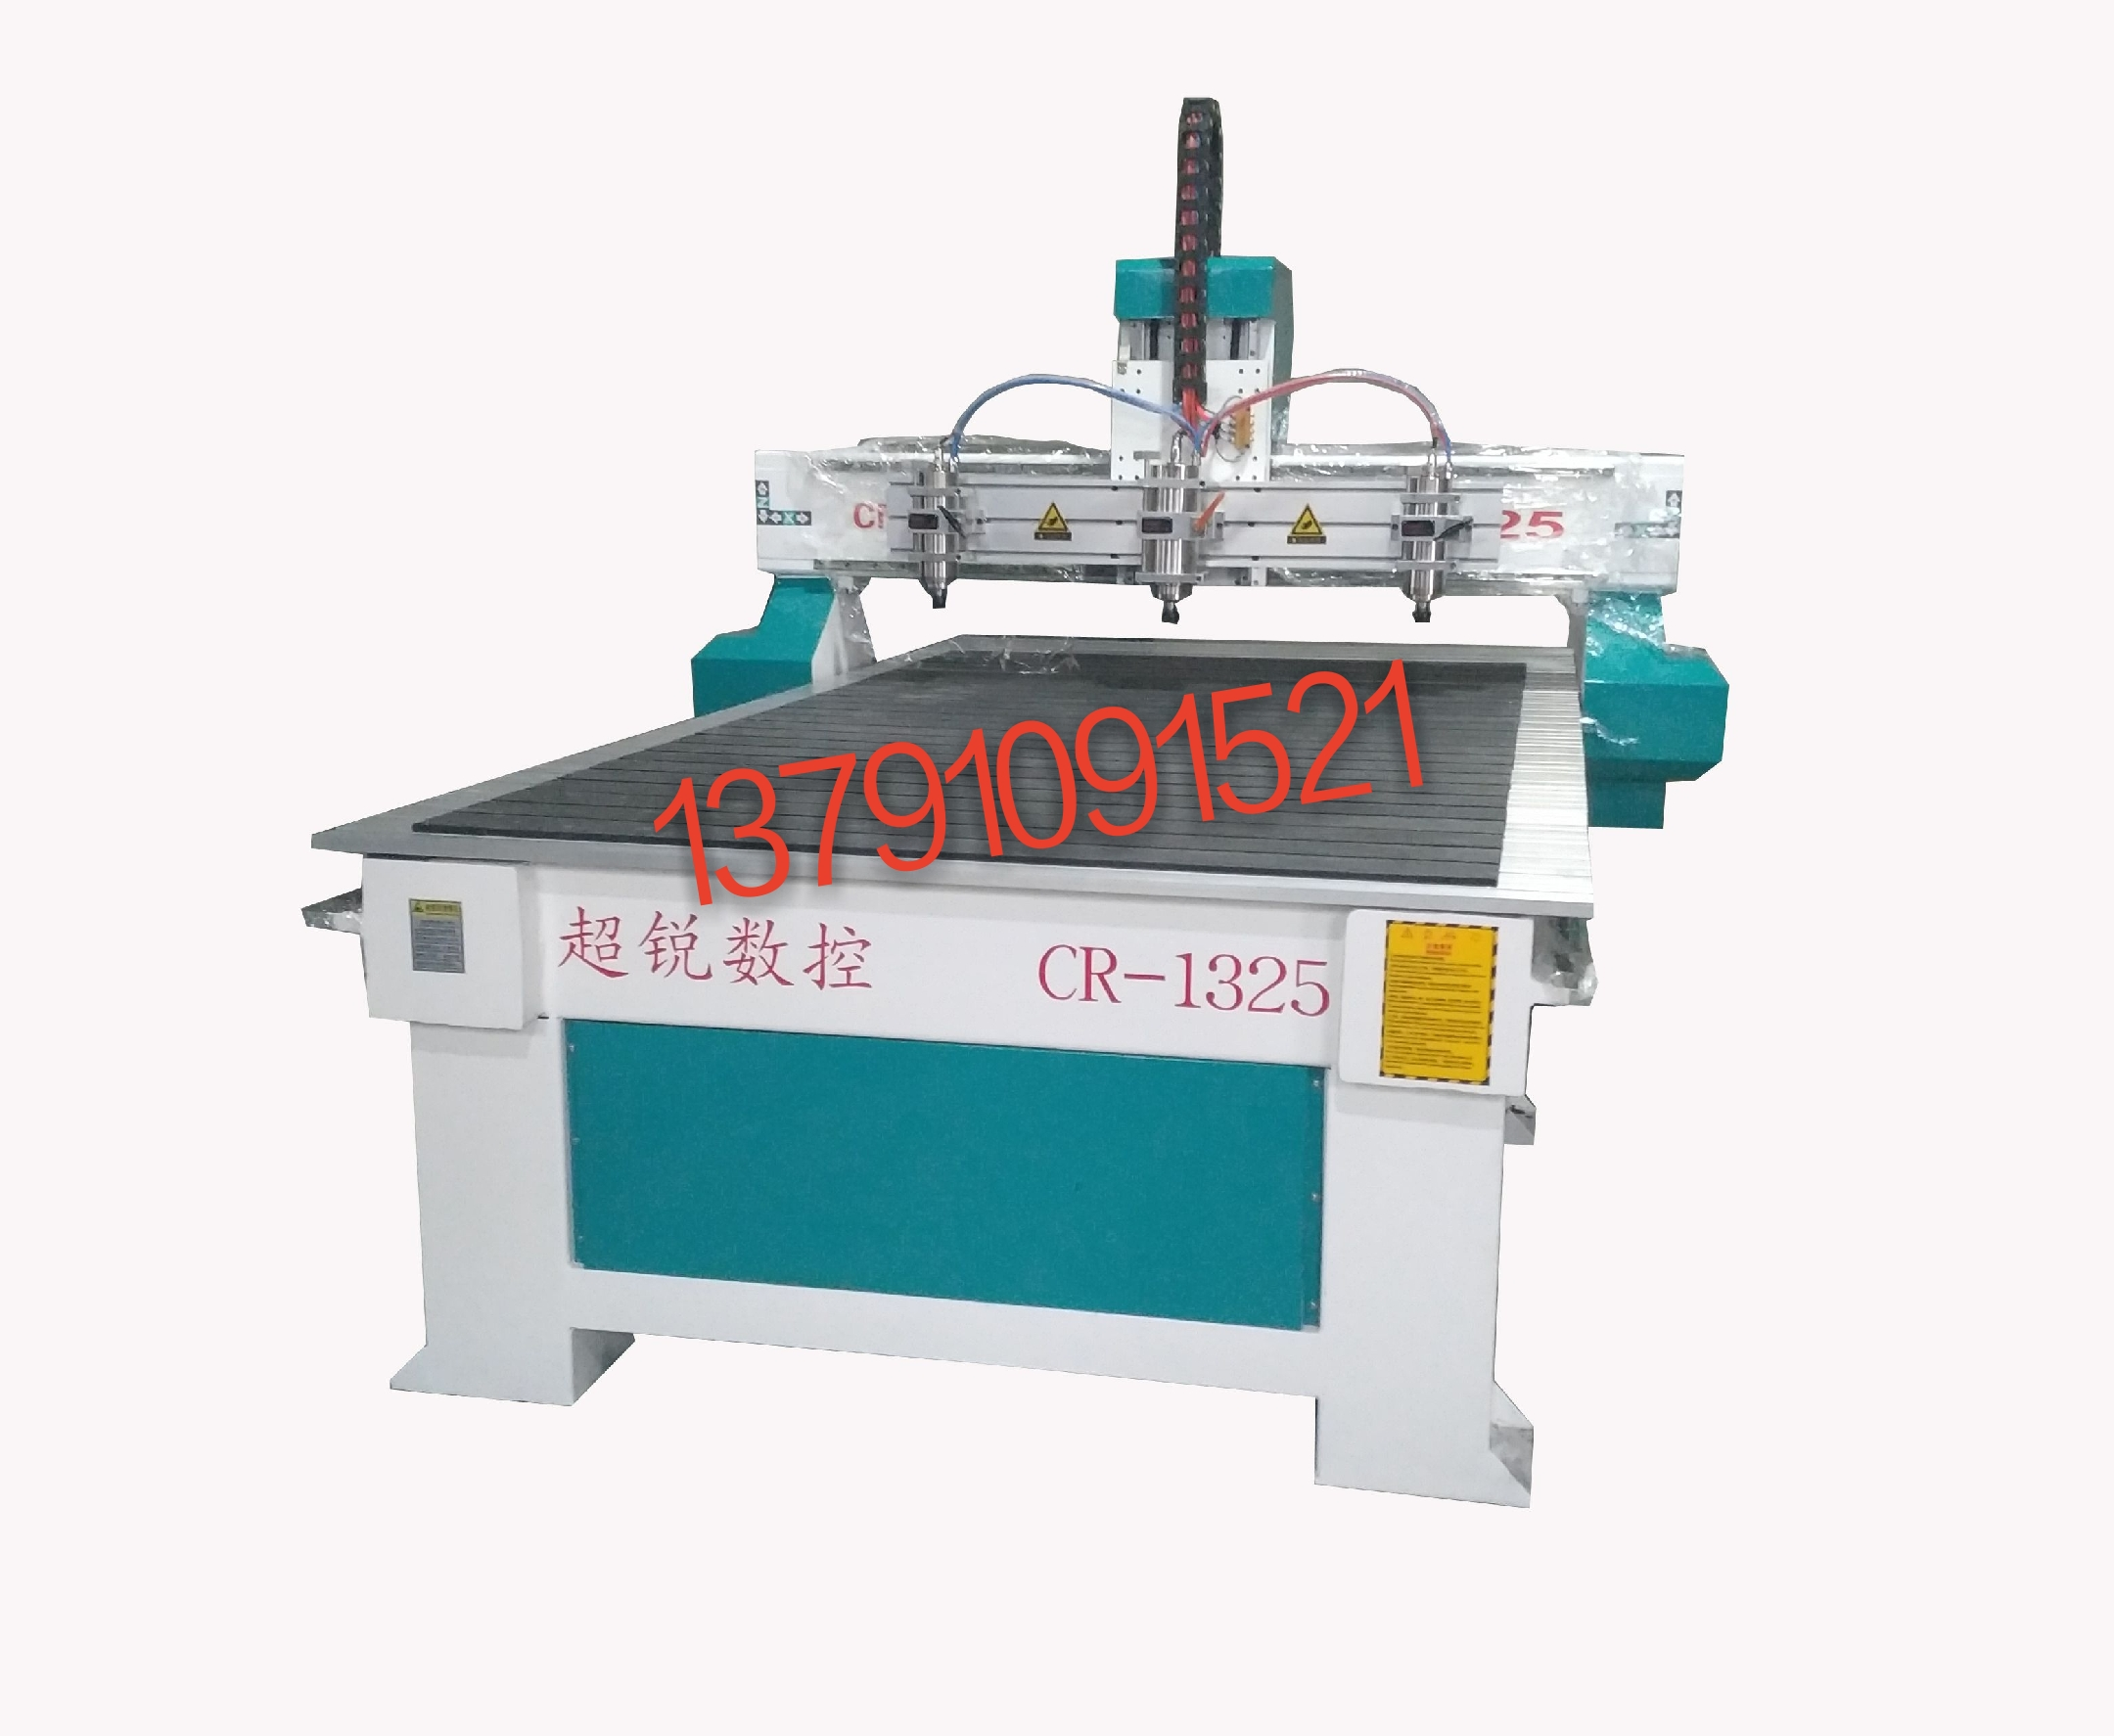 黑龙江EVA雕刻机 泡沫雕刻机 厂家直销 售后无忧 EVA包装材料雕刻机